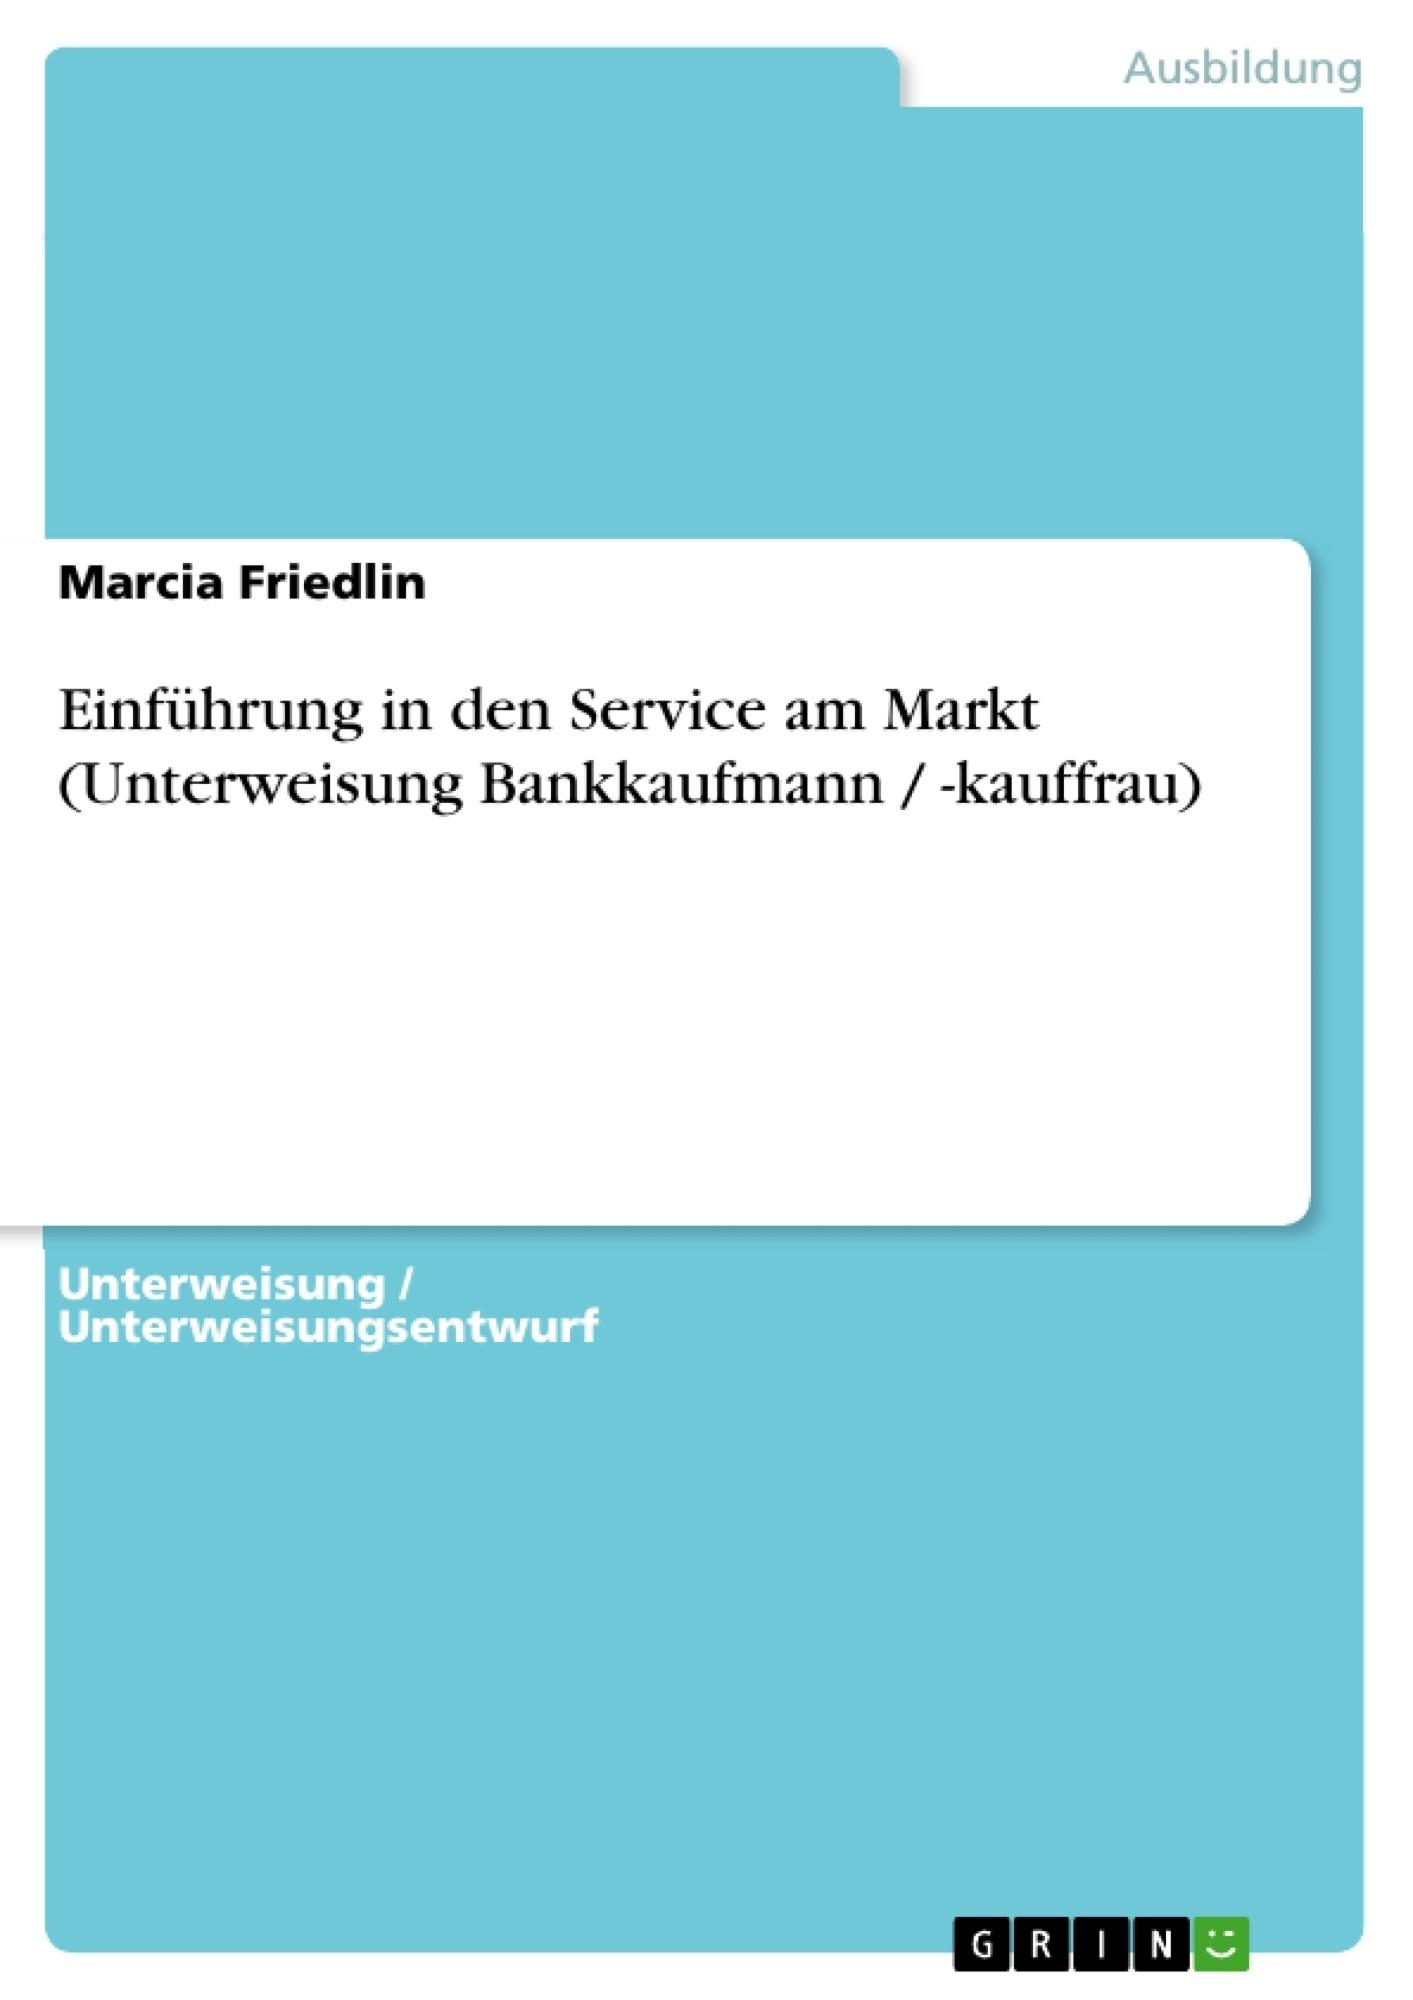 Titel: Einführung in den Service am Markt (Unterweisung Bankkaufmann / -kauffrau)